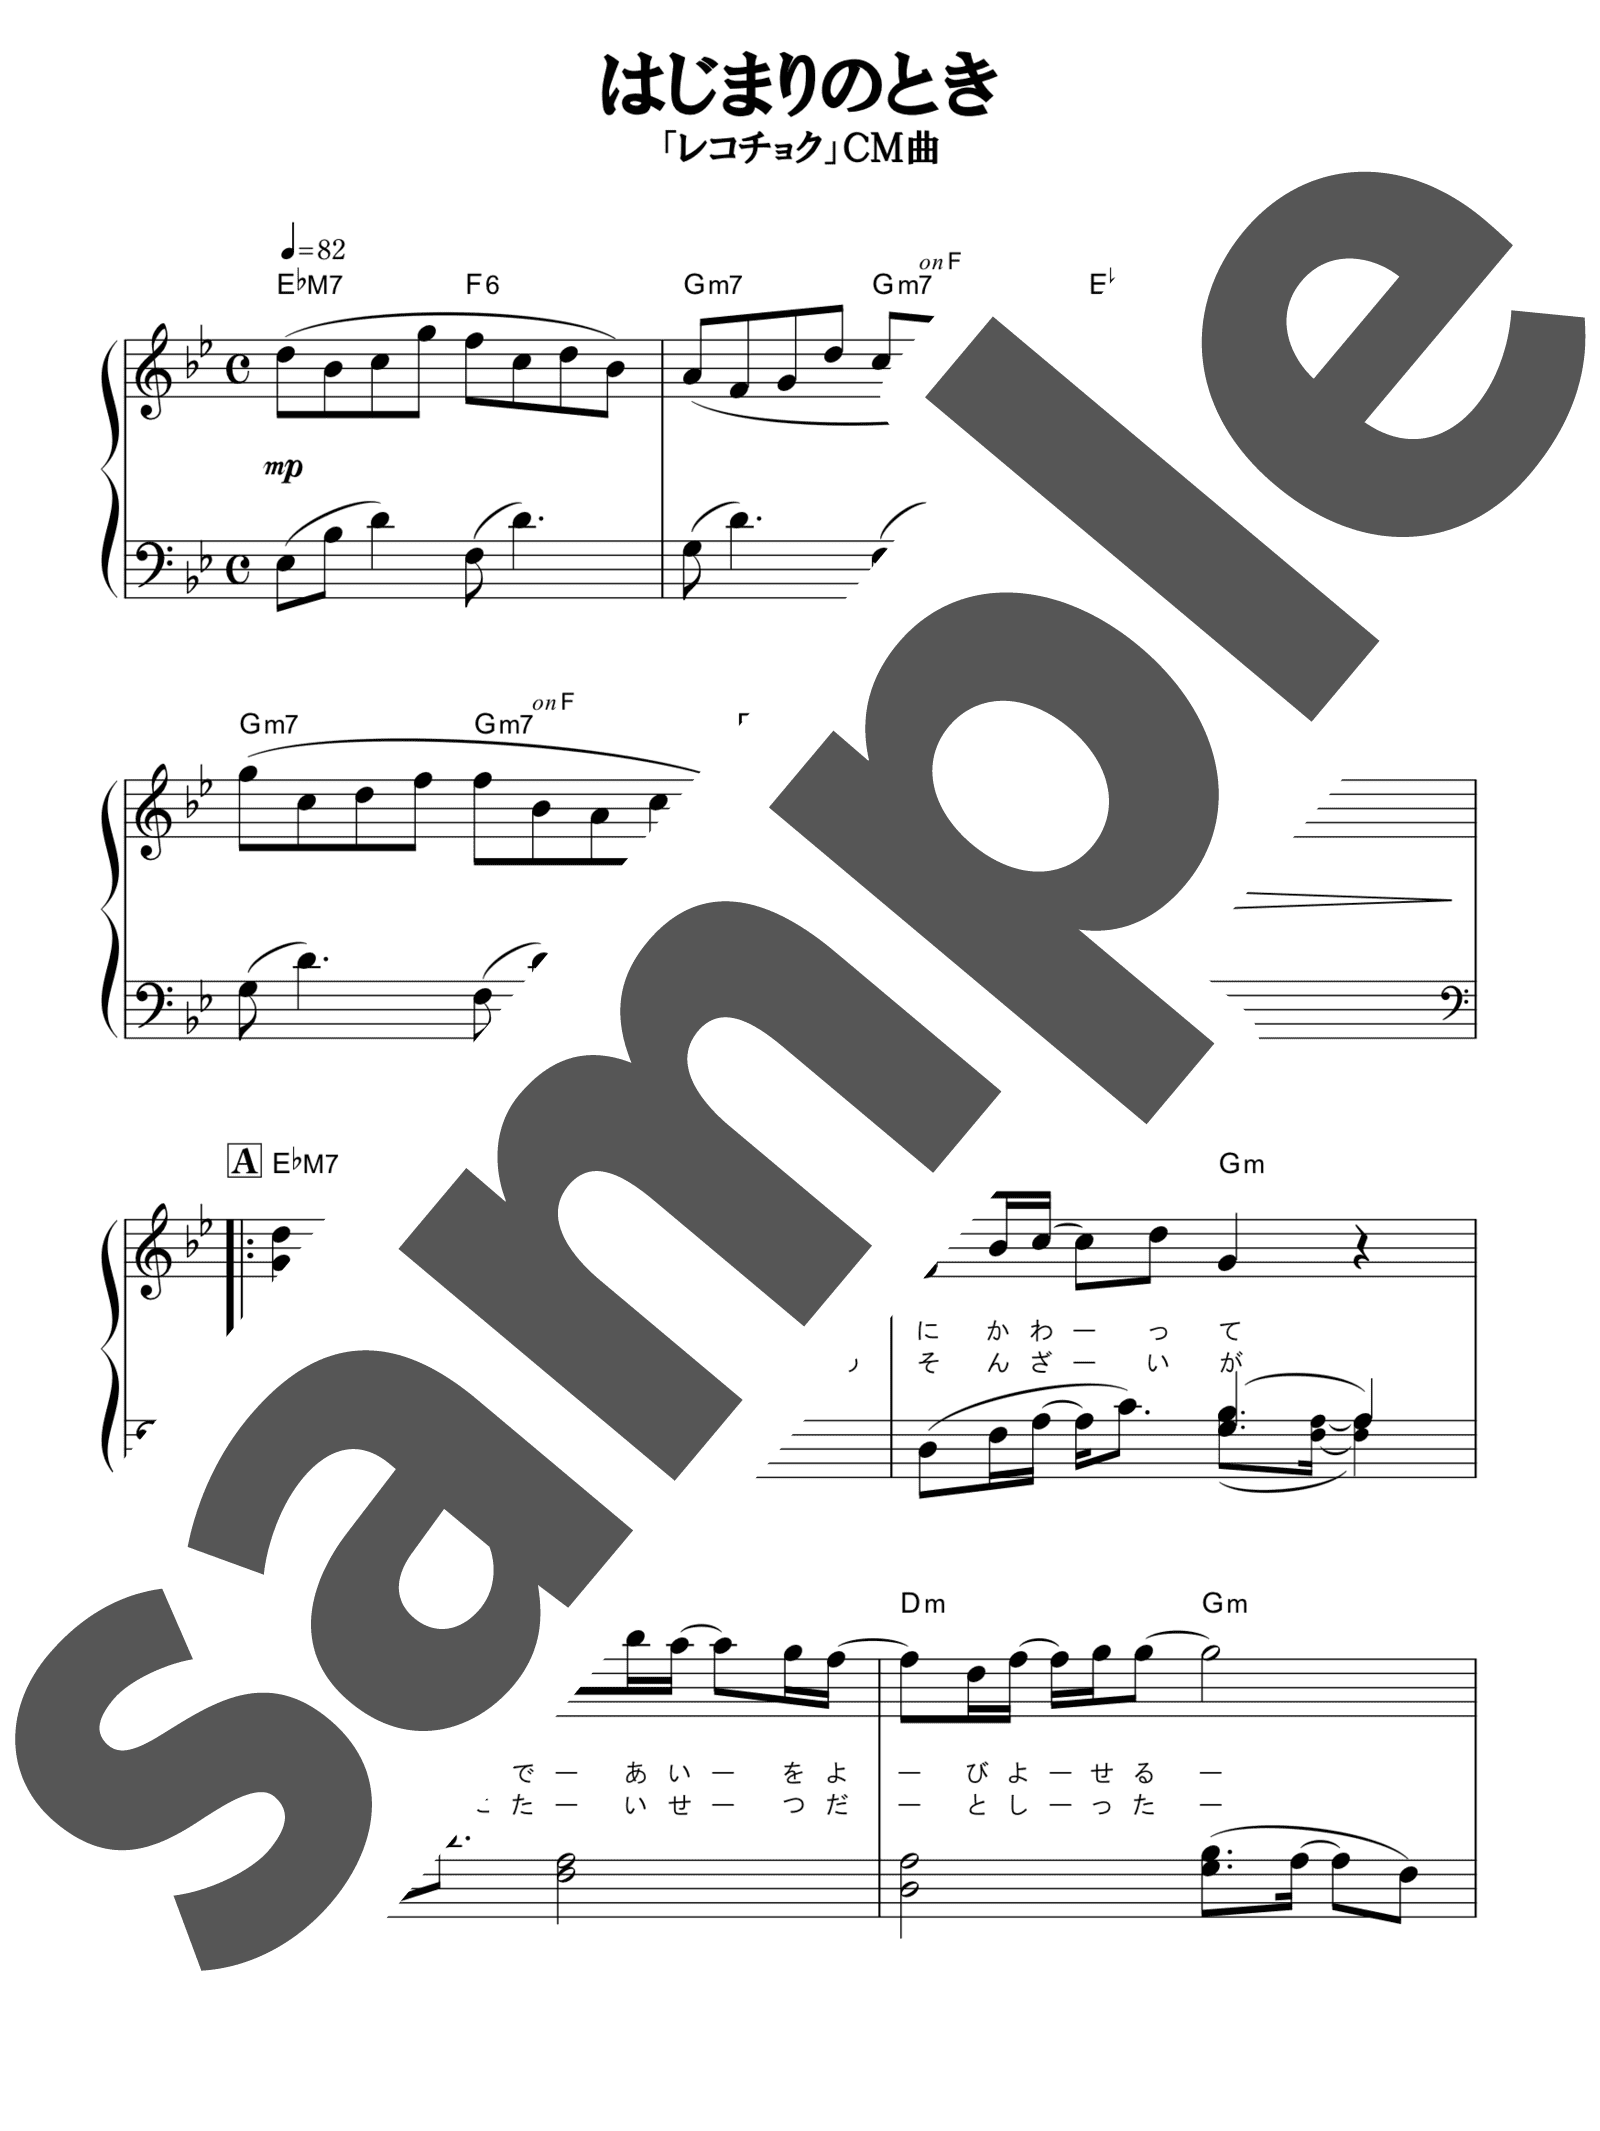 「はじまりのとき」のサンプル楽譜